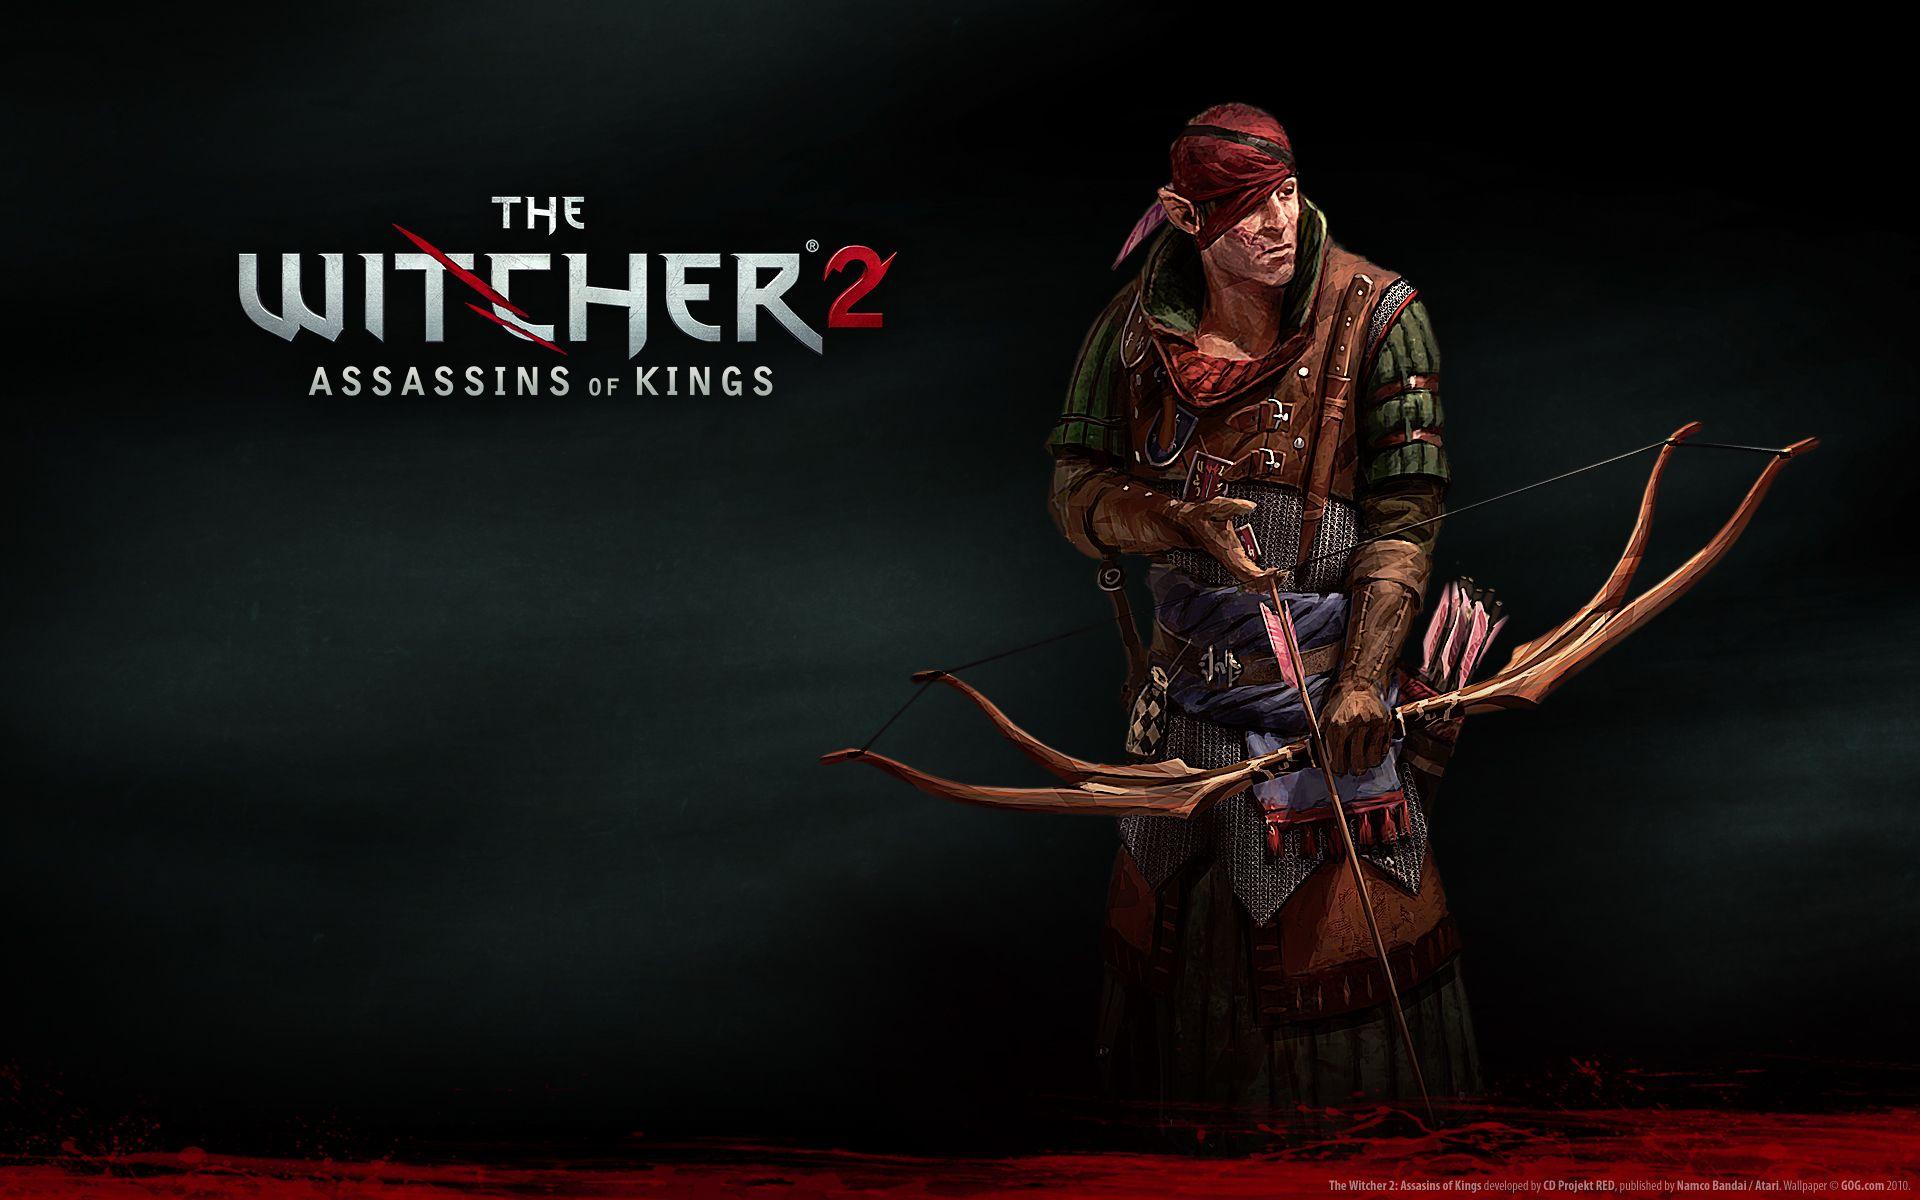 The Witcher 2 Карта, Новости